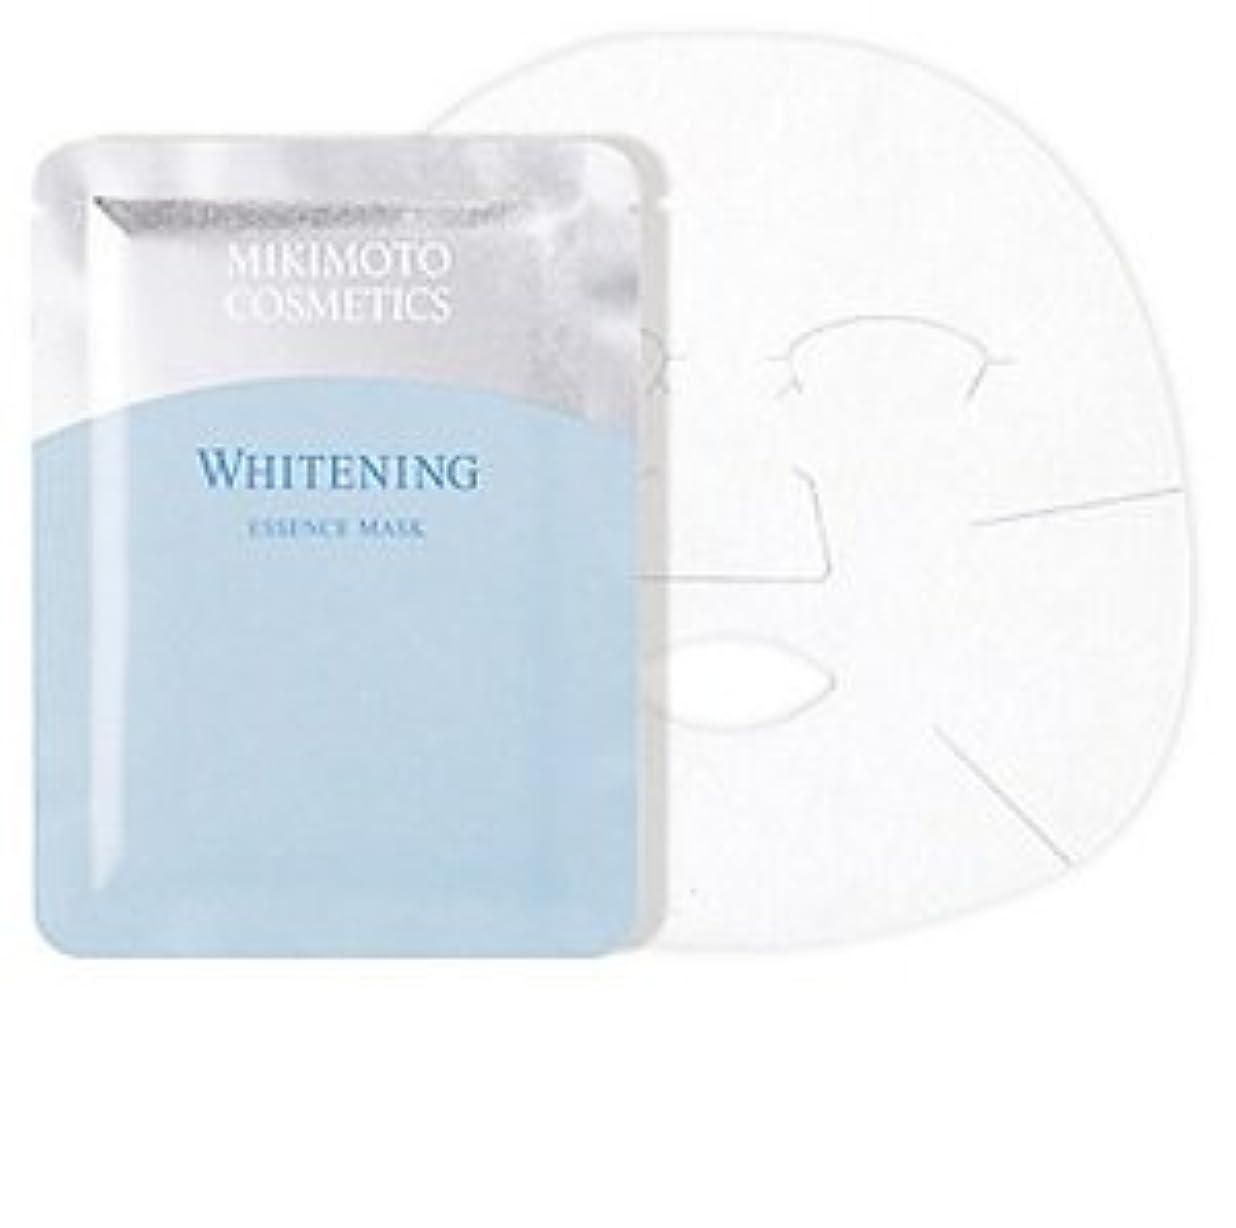 視聴者パステル与えるミキモト ホワイトニング エッセンス マスク 21mlx6枚入 薬用美白状シートマスク